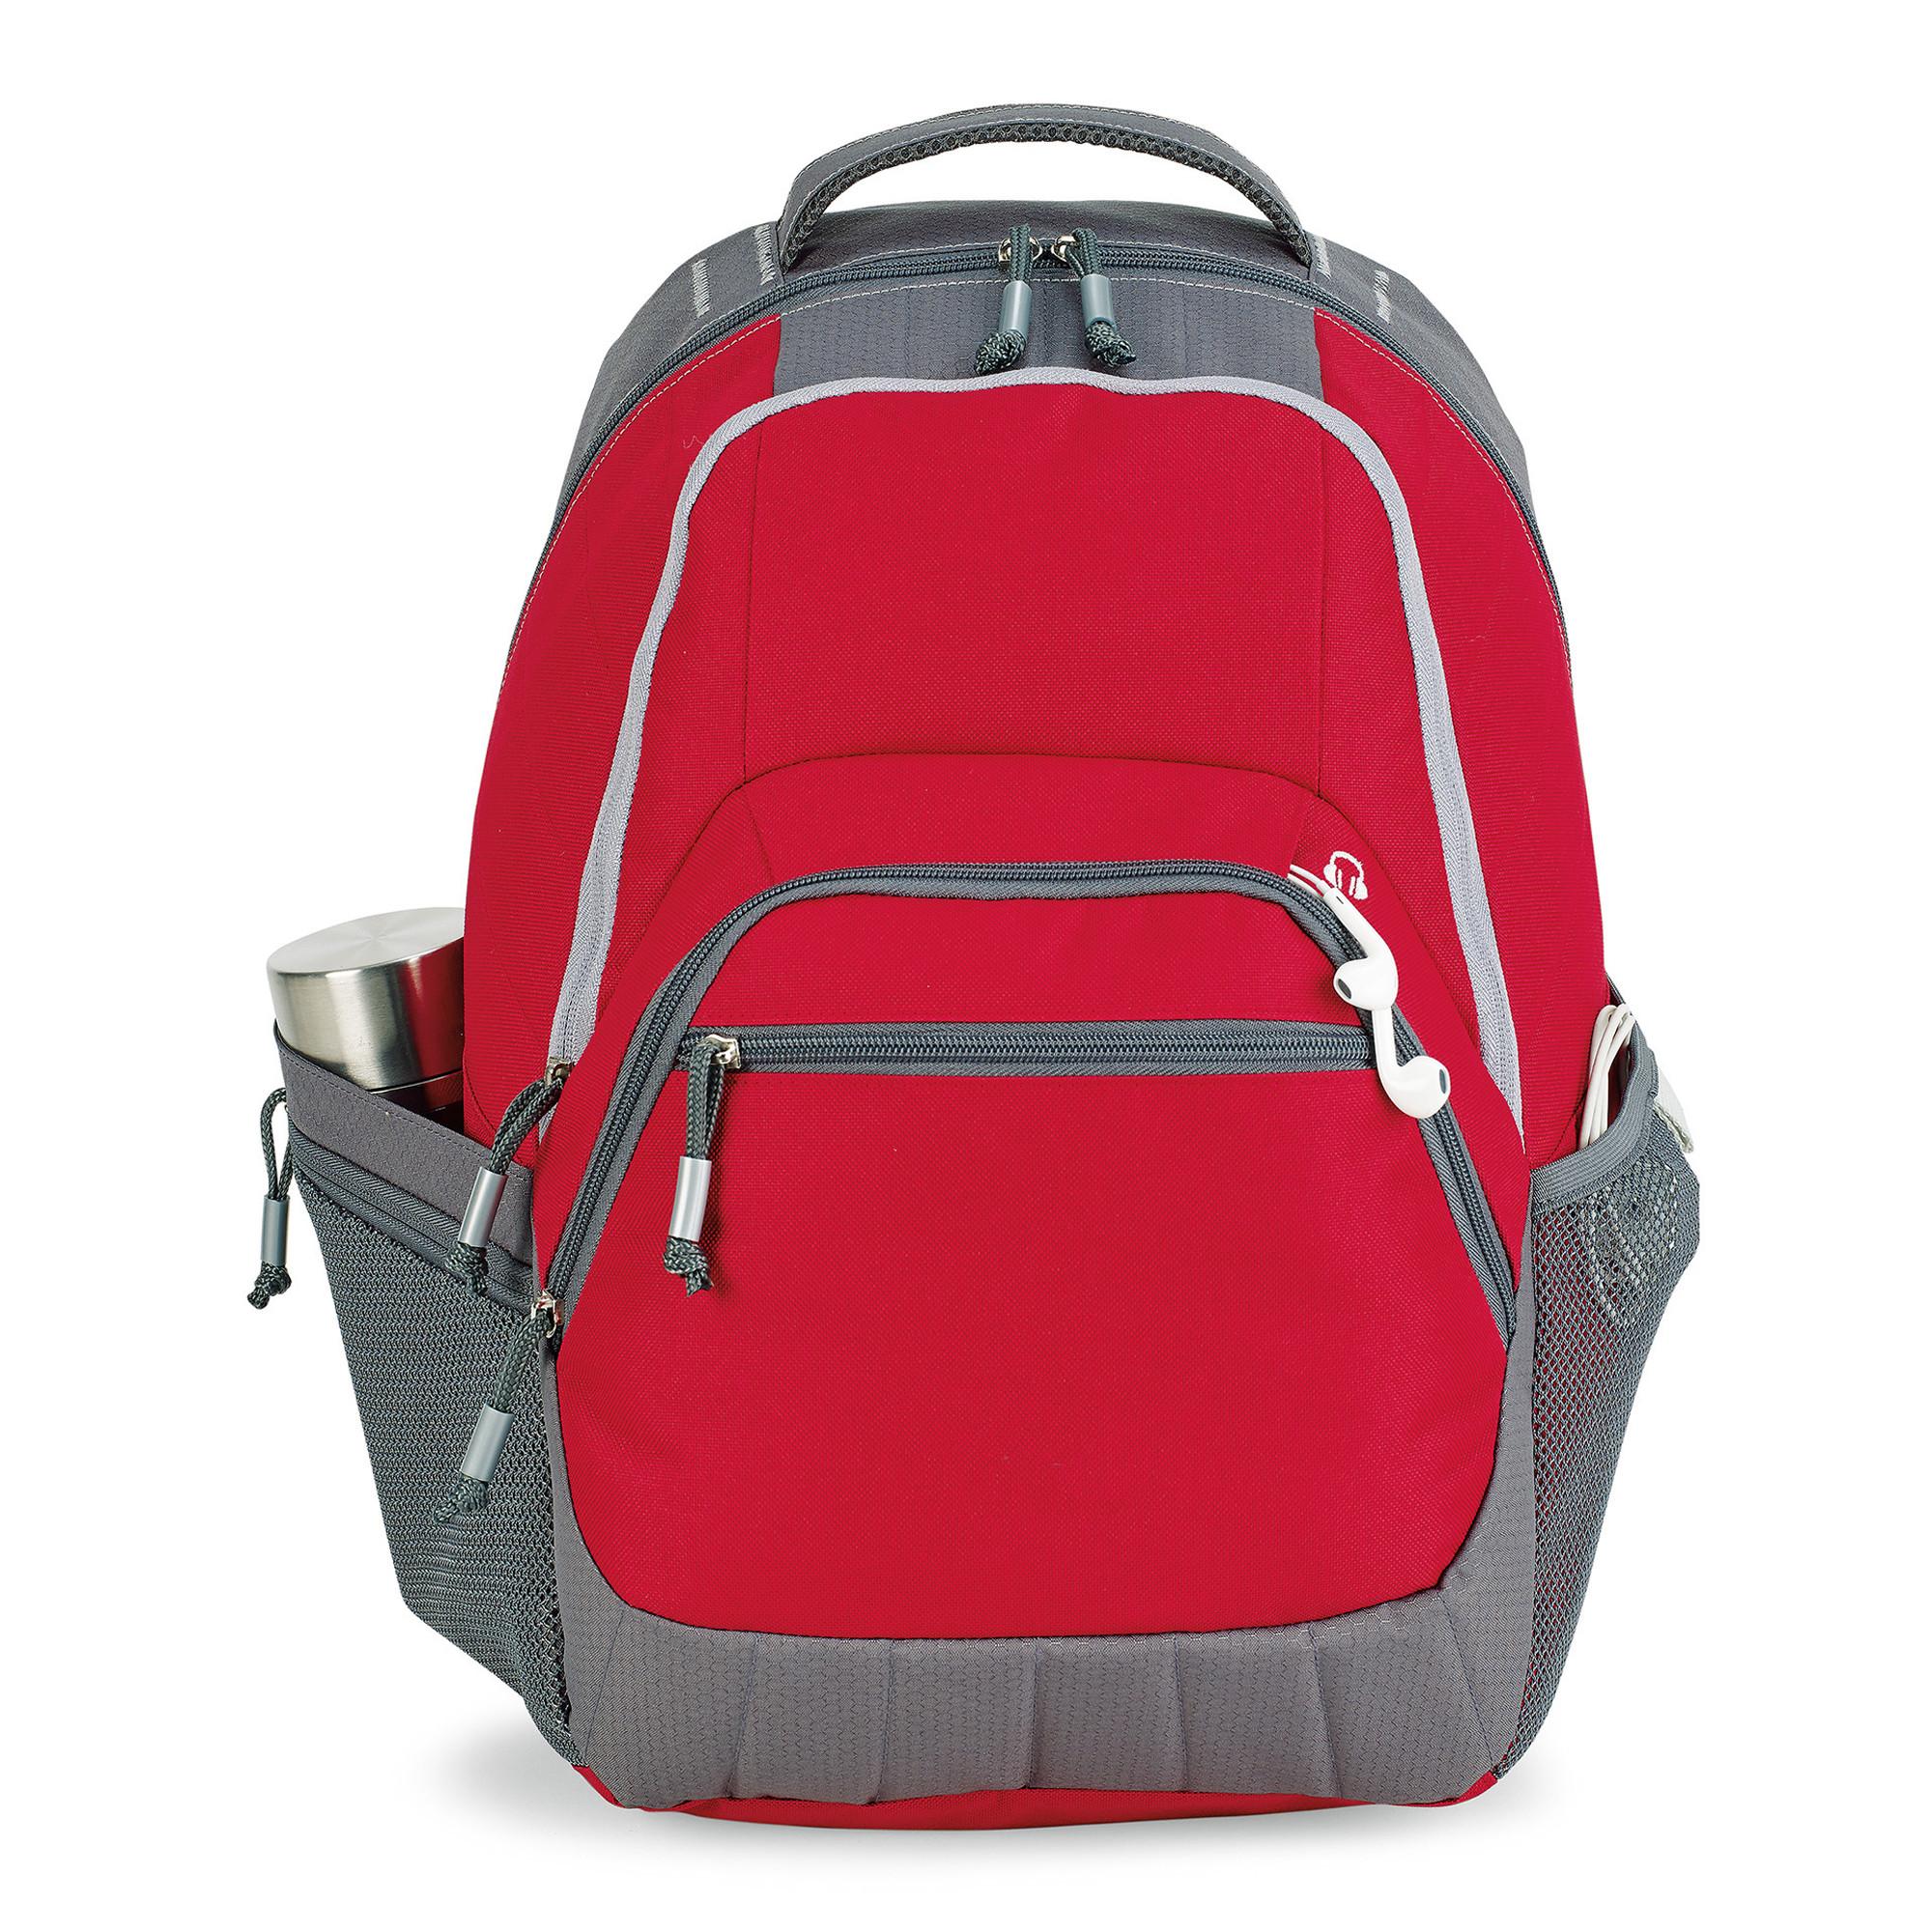 Gemline 5541 - Rangeley Deluxe Computer Backpack